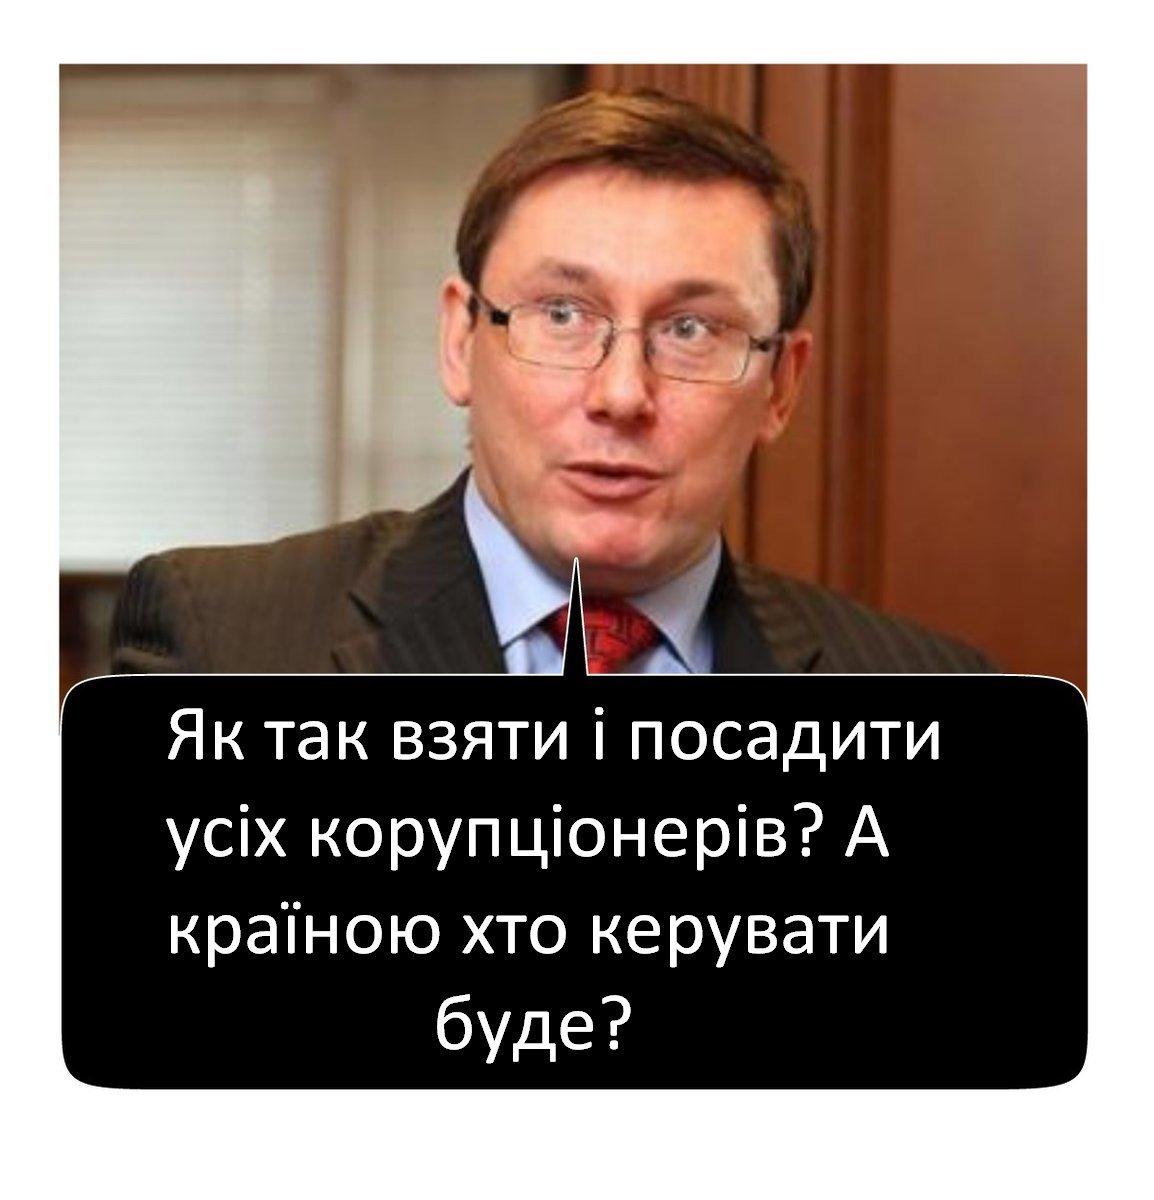 Саакашвили должен обжаловать лишение гражданства в админсуде, - Луценко - Цензор.НЕТ 3583